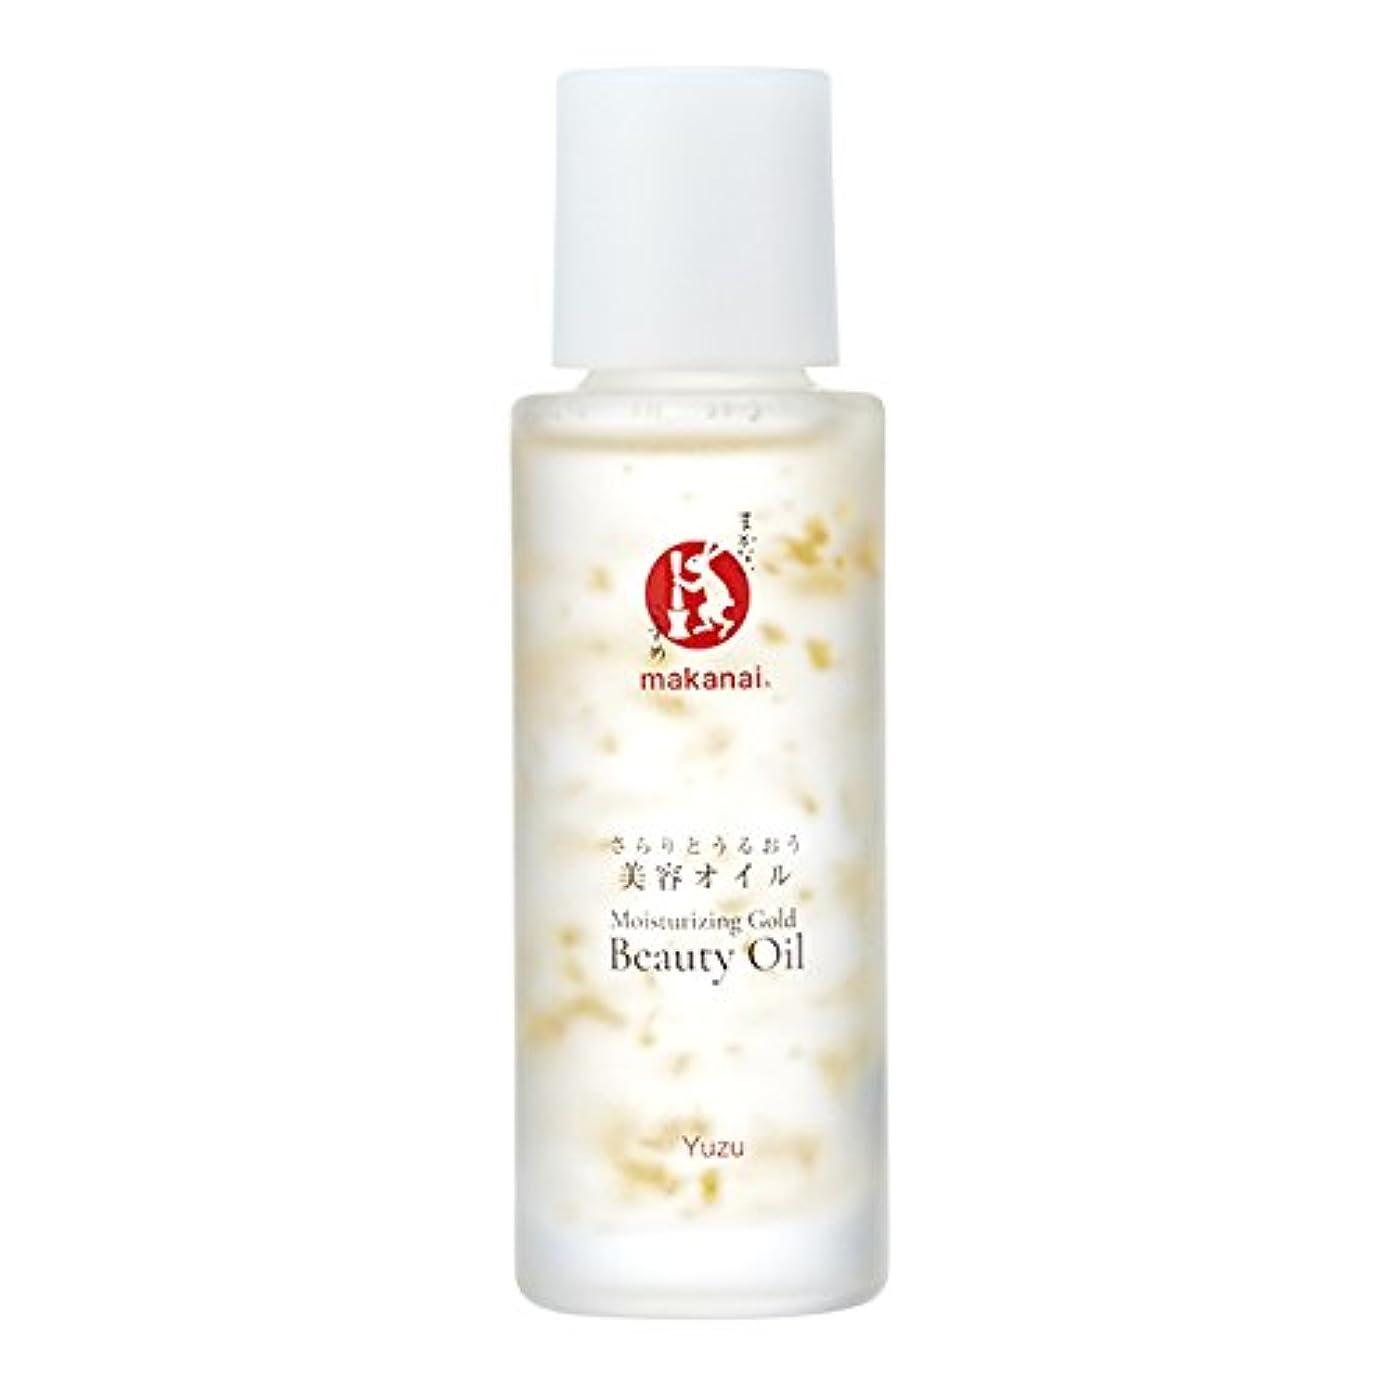 雄弁ルーフ密接にまかないこすめ 美容オイル ゆずの香り 20ml